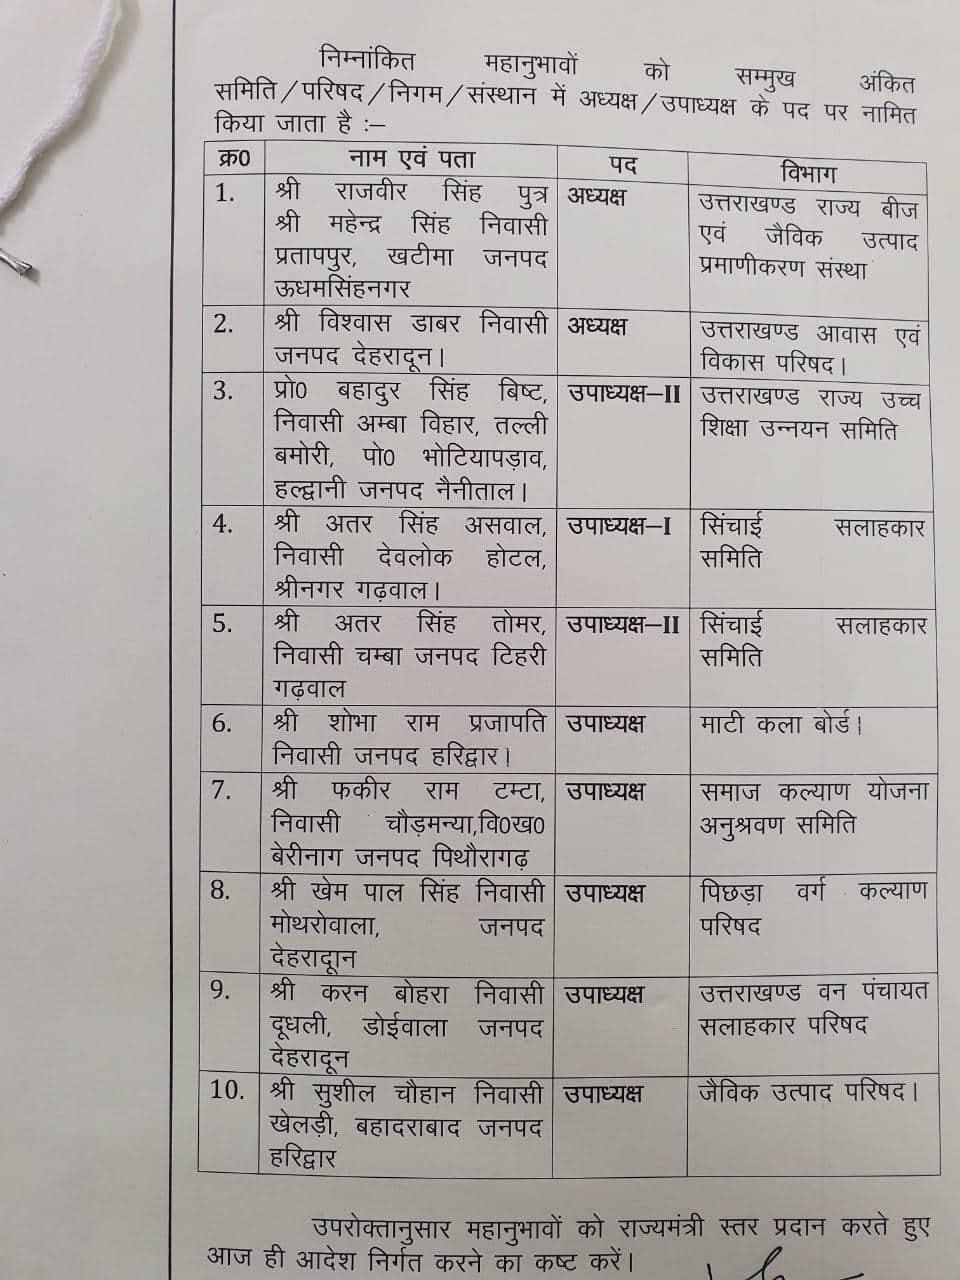 उत्तराखंड में भाजपा के 10 नेता बने दर्जाधारी